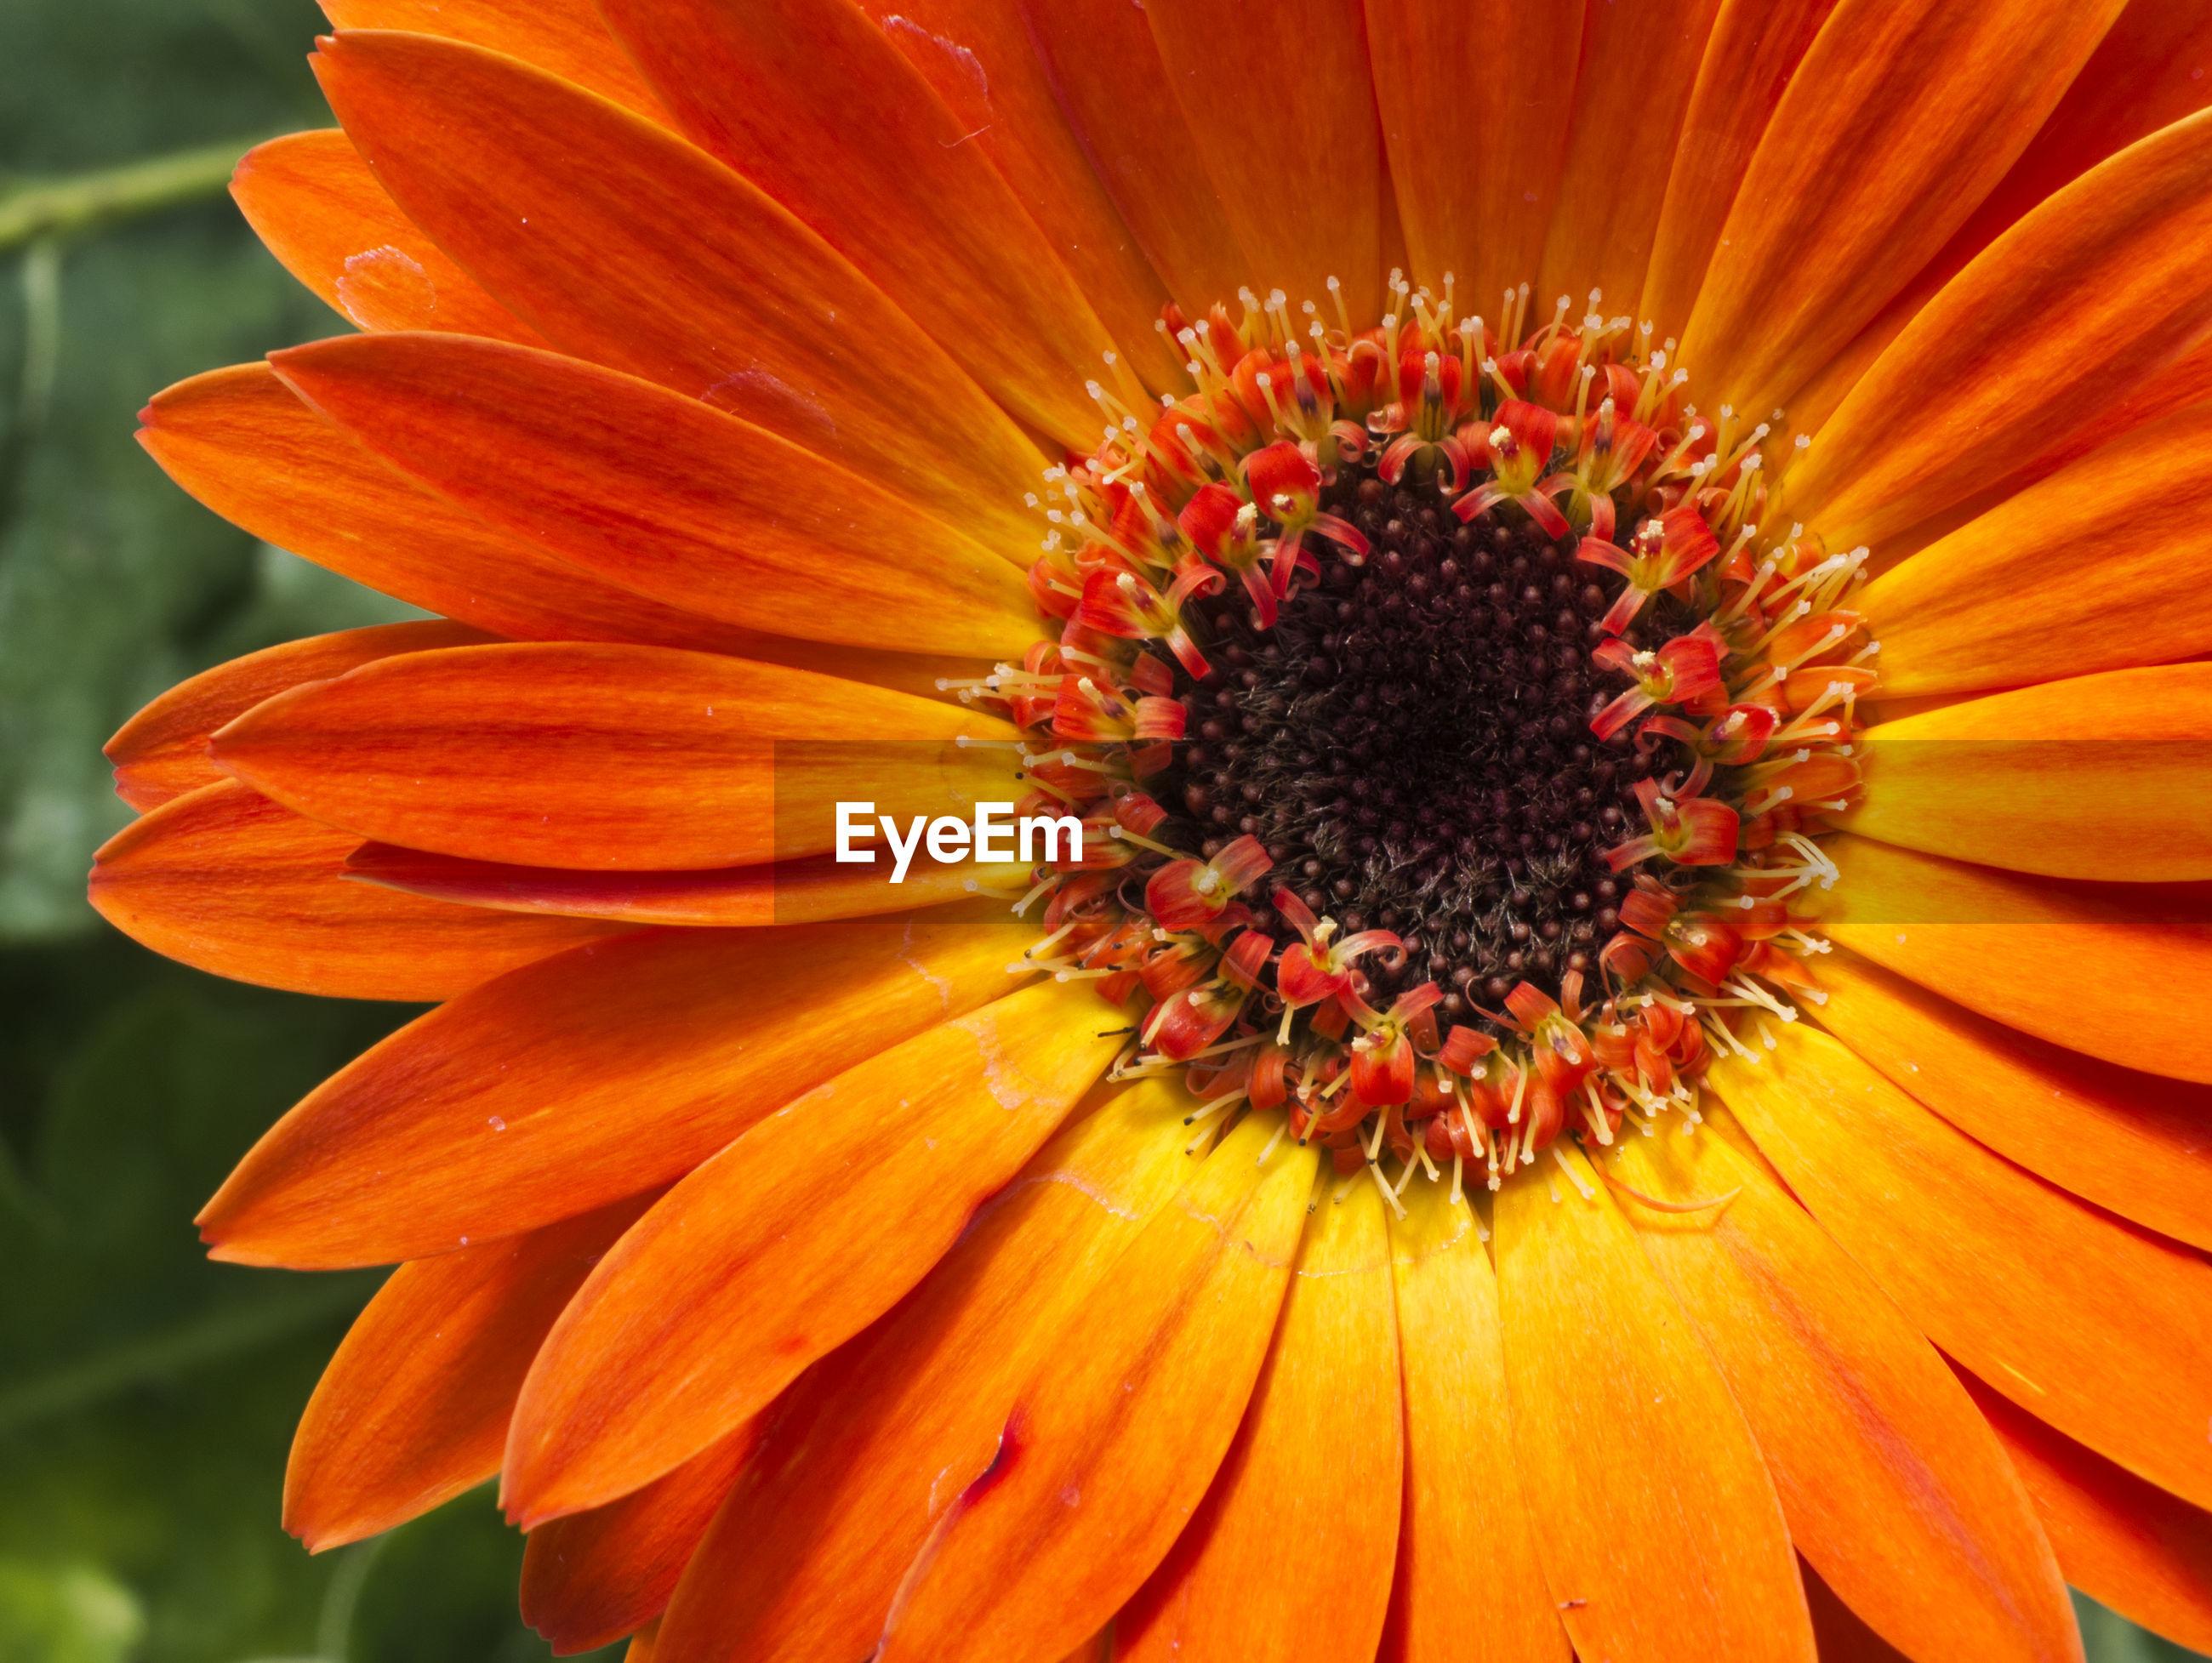 EXTREME CLOSE-UP OF ORANGE FLOWER